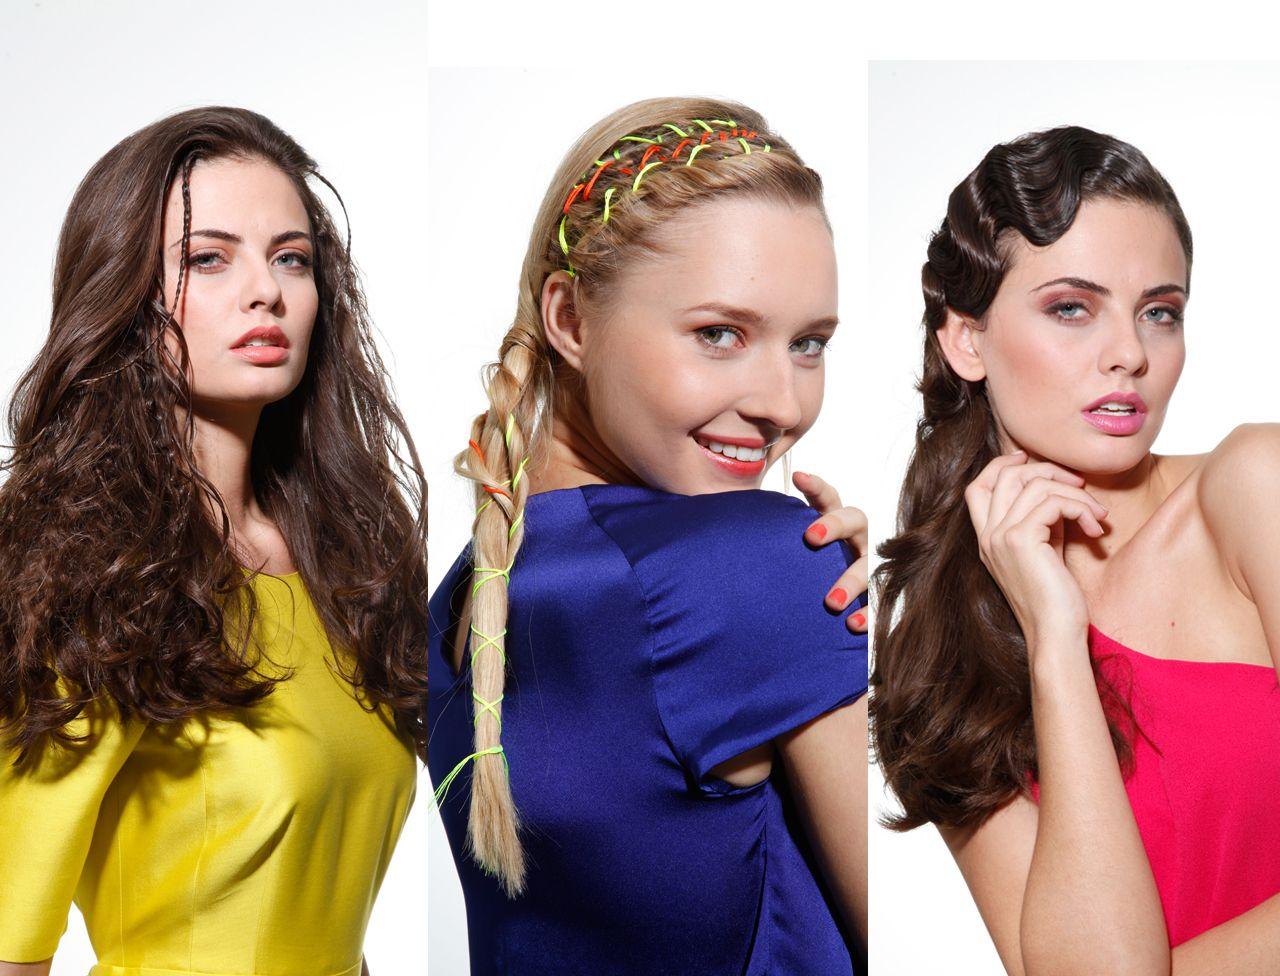 Liens colorés, headbands et autres rubans accessoirisent les coiffures pour les rendrent chic et originales. Tom Marcireau, directeur artistique Carita métamorphose la chevelure avec style.